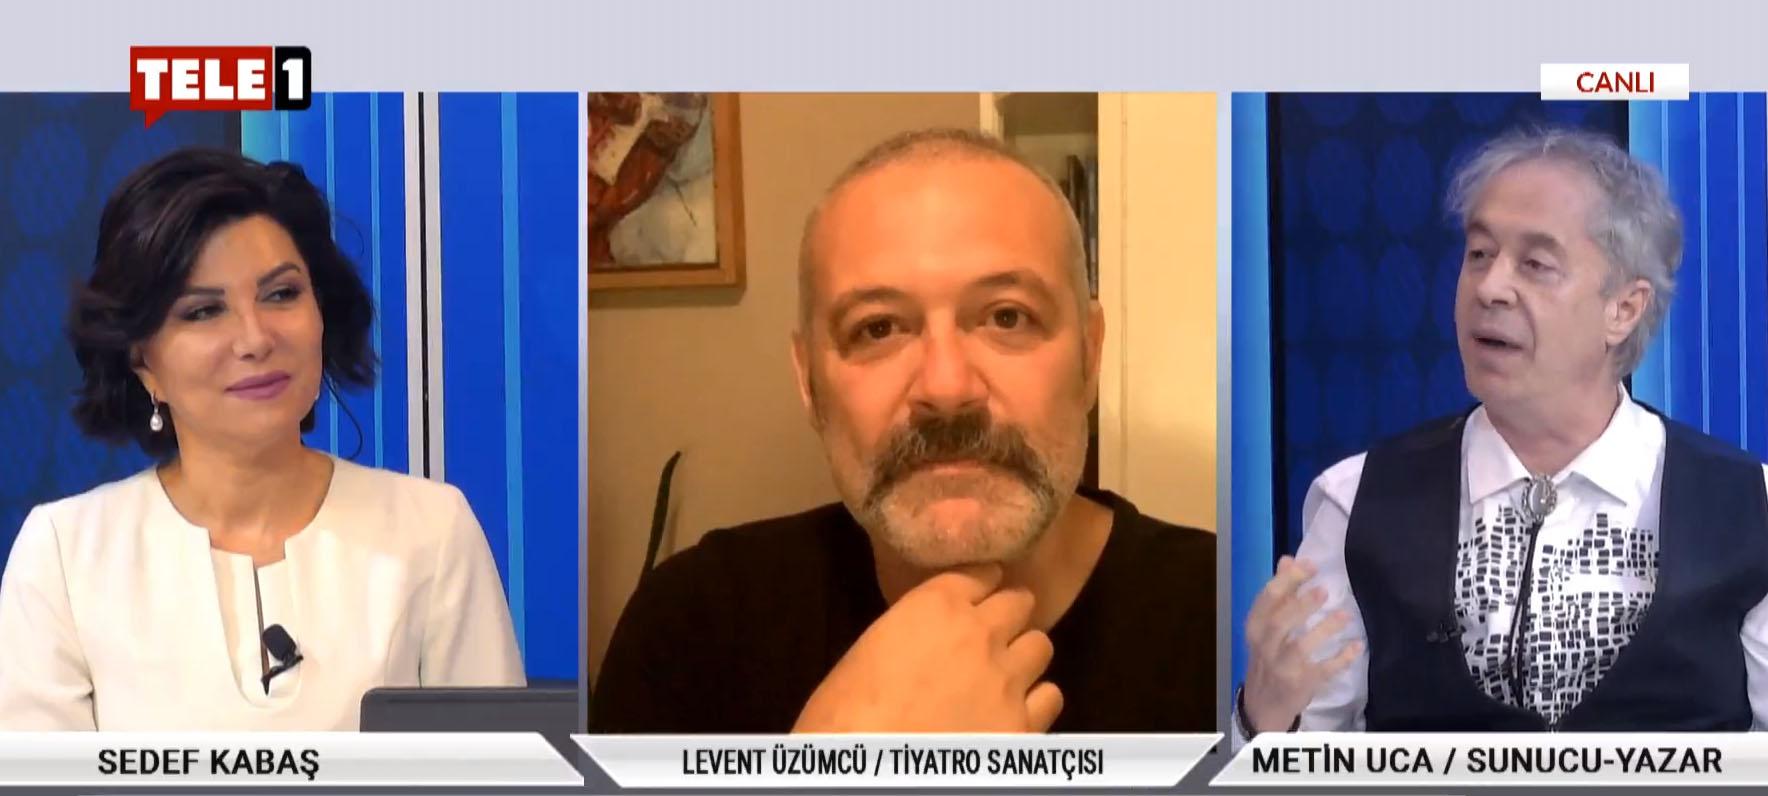 Metin Uca: Ana akım medya inandırıcılık ve saygınlık nedeniyle reklam pastasını dijitale kaptırdı